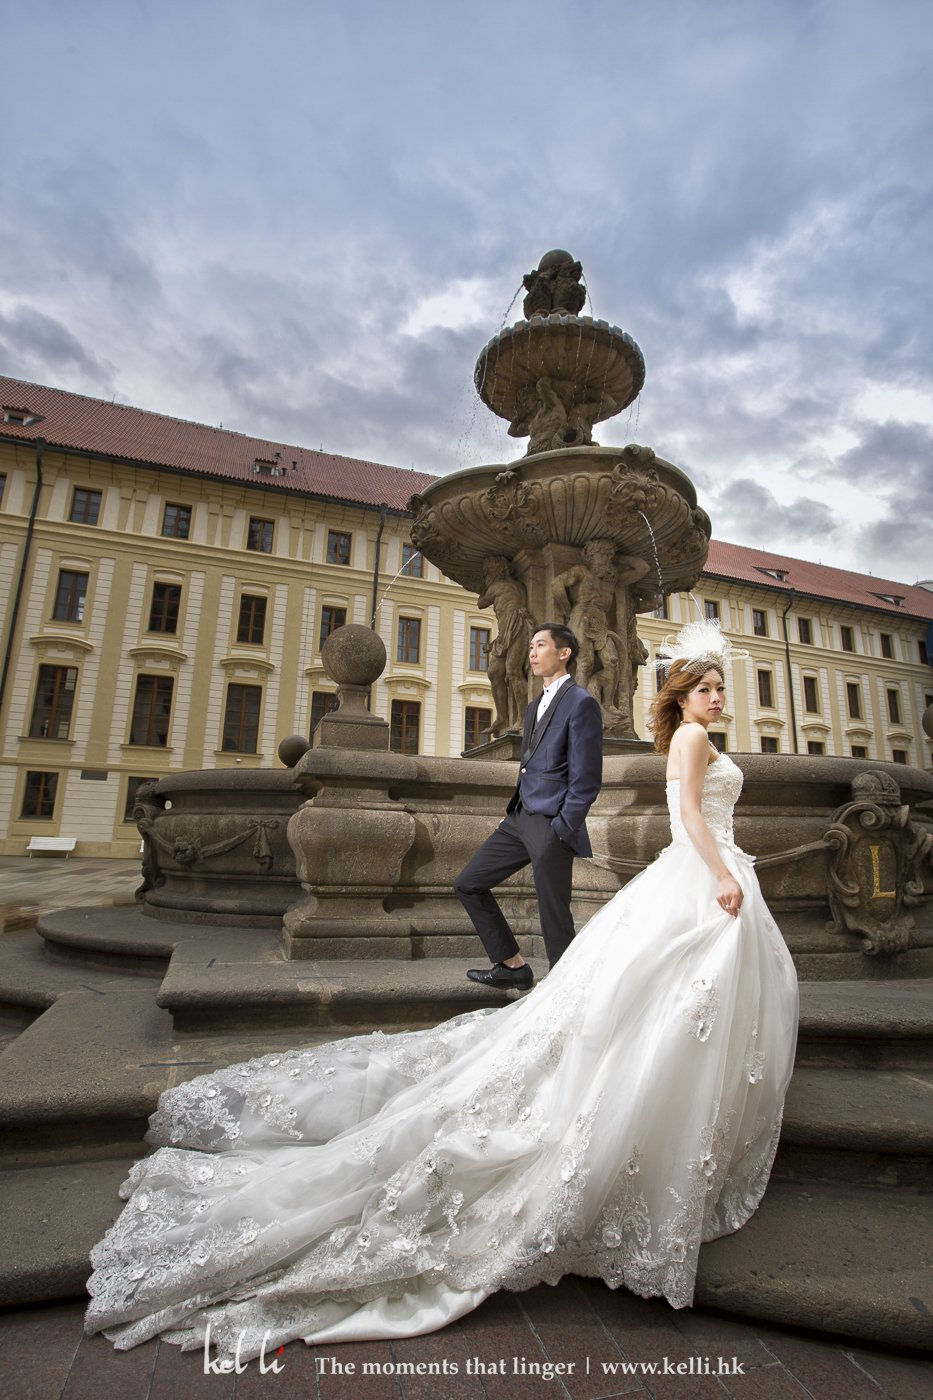 上到城堡,新人在站在爱丽的喷水池上